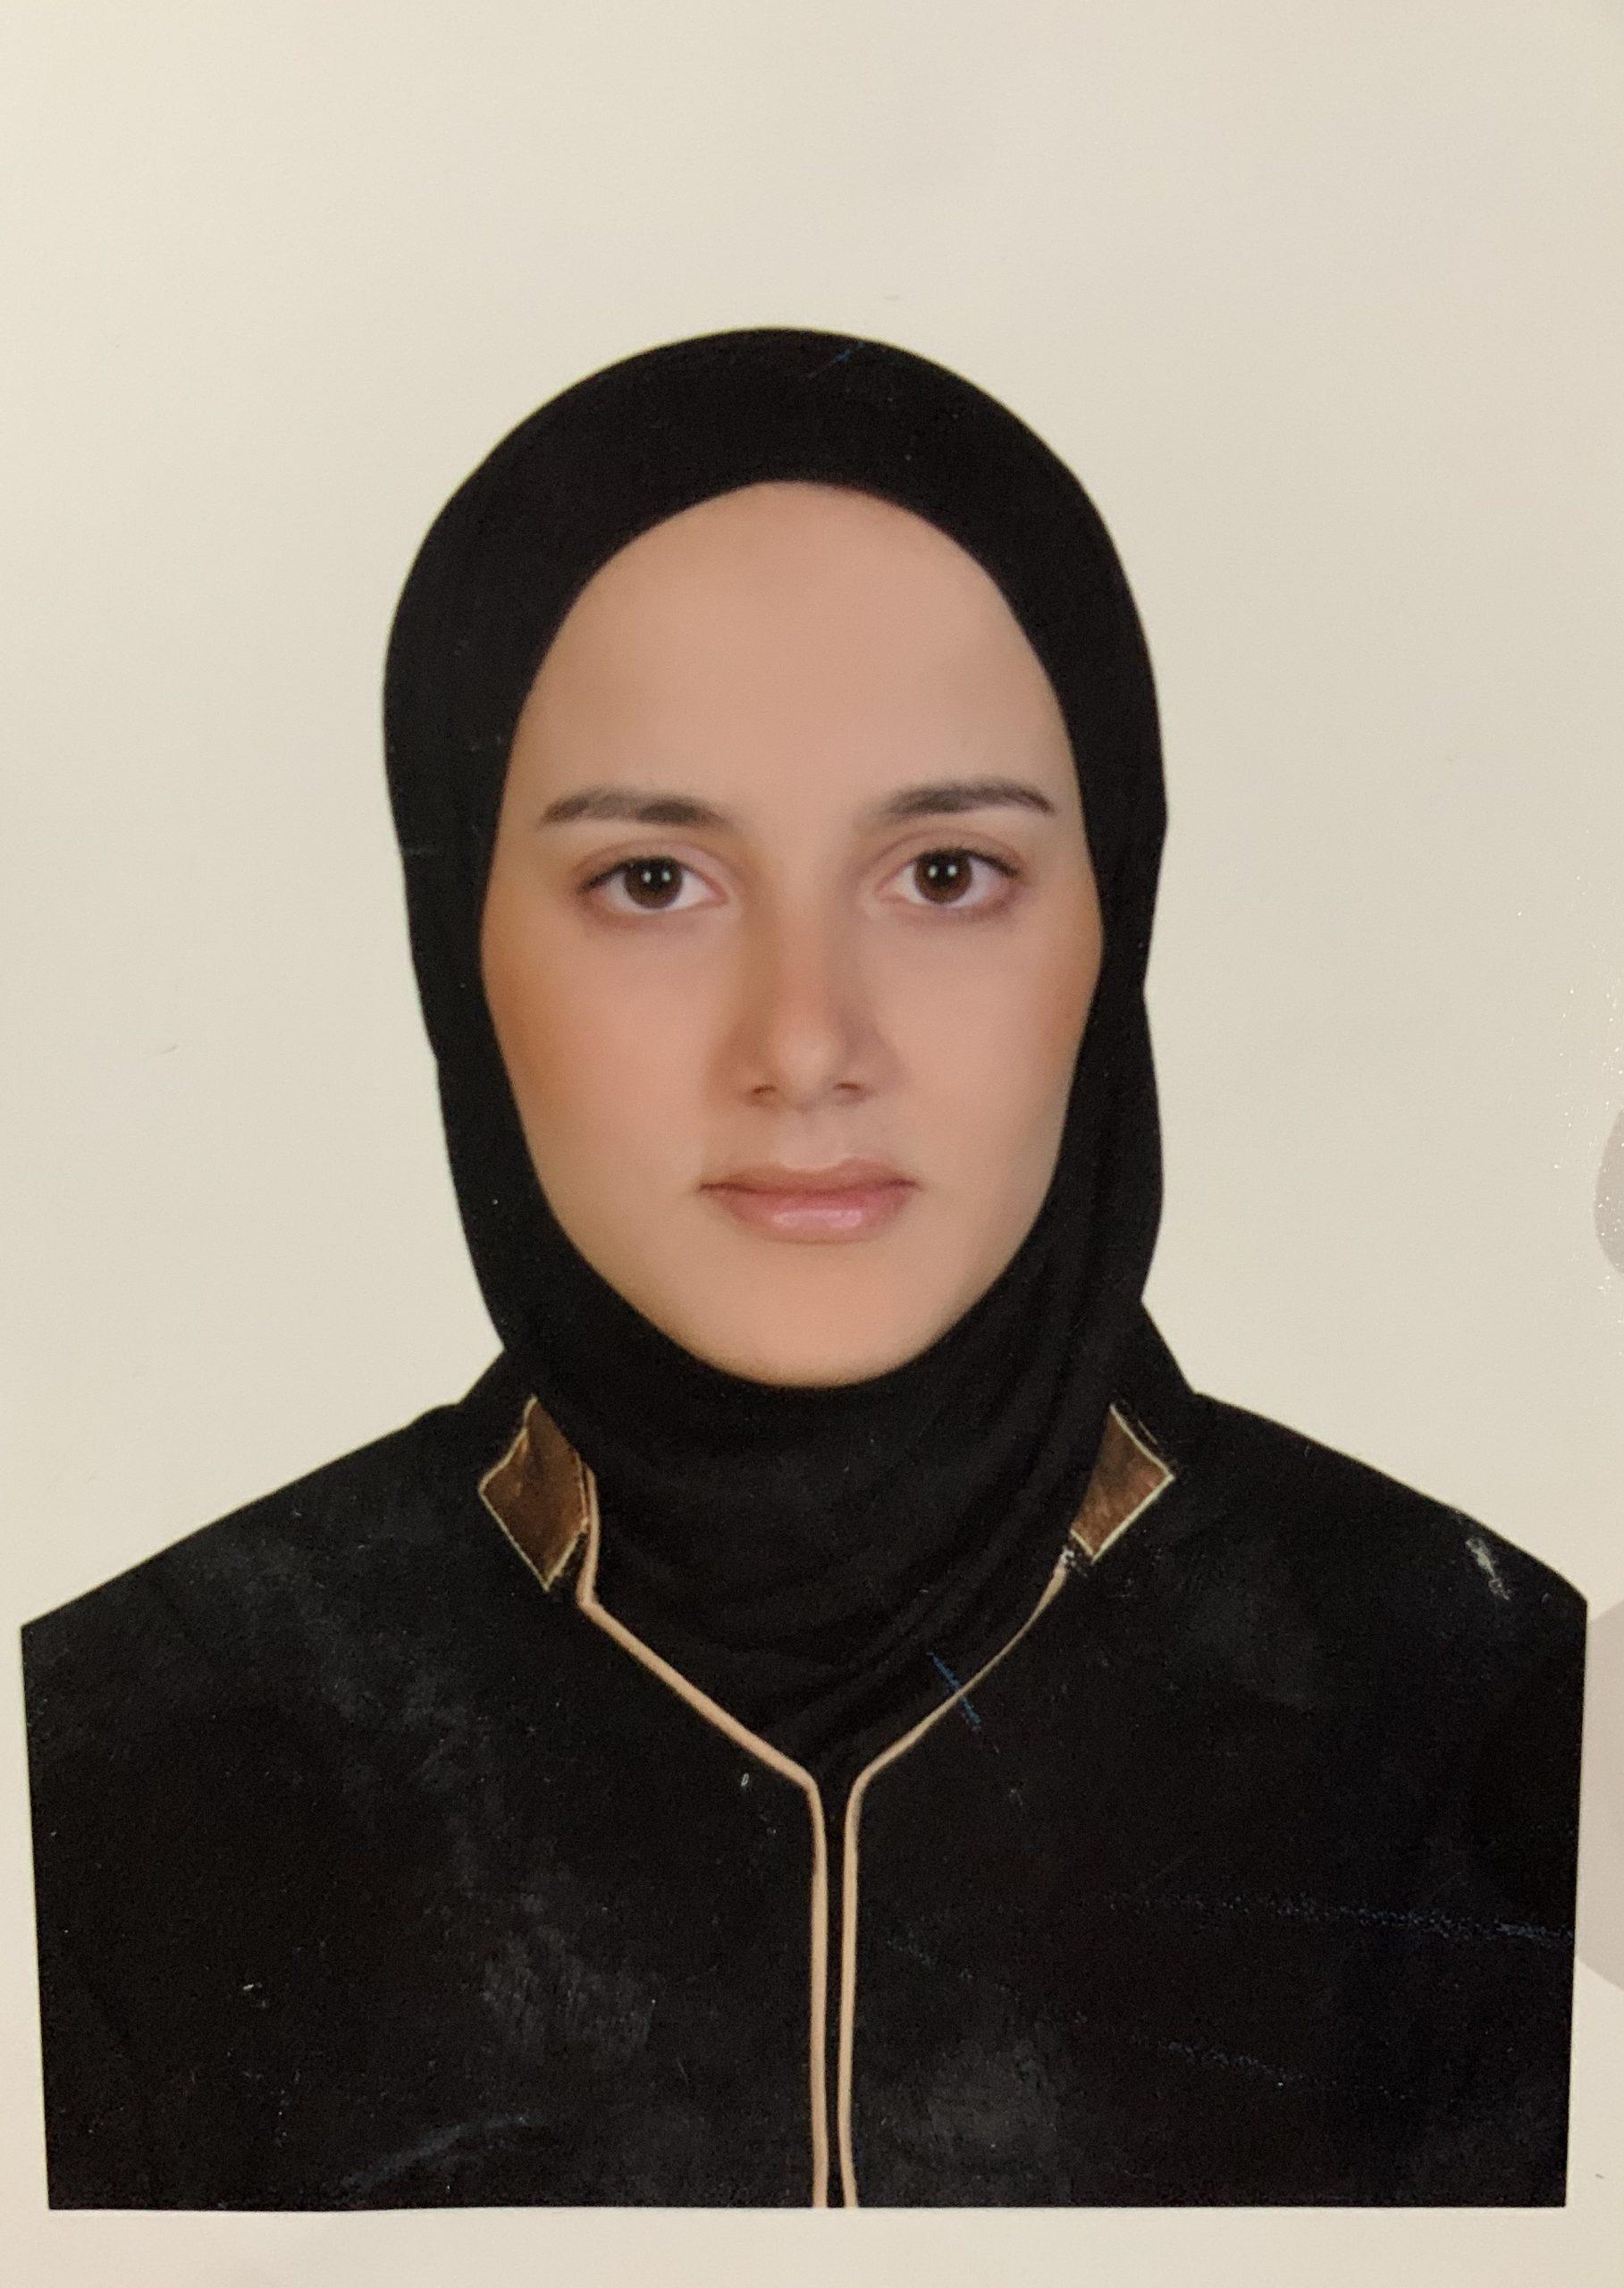 Ms. Maya Alkhatib, Profile Image